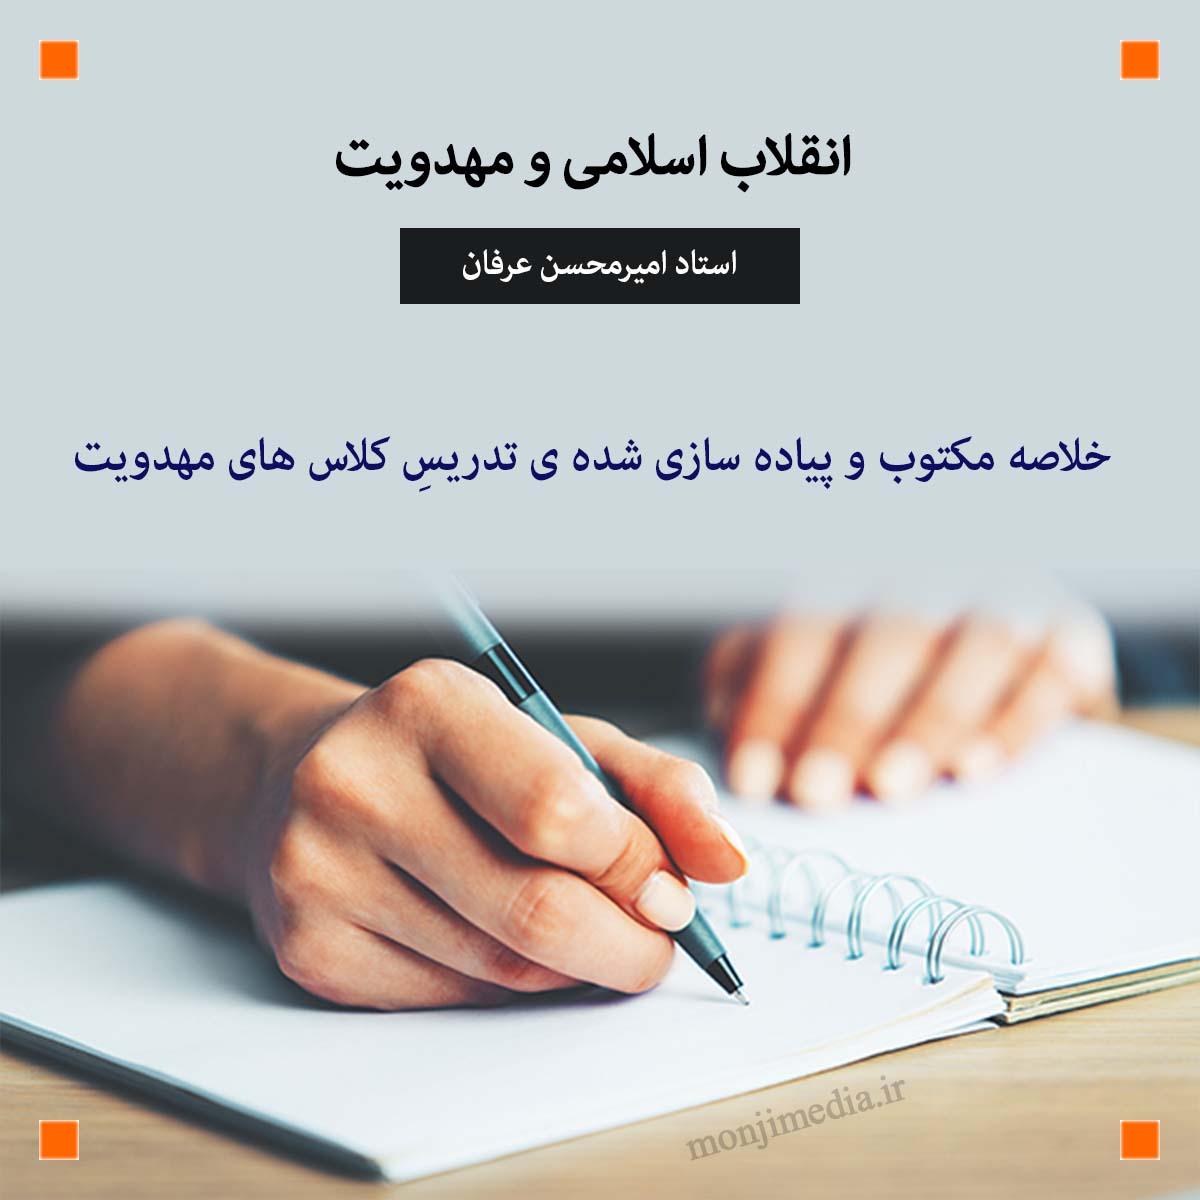 """khm14 - خلاصه مکتوب """"انقلاب اسلامی و مهدویت"""" استاد امیرحسین عرفان"""